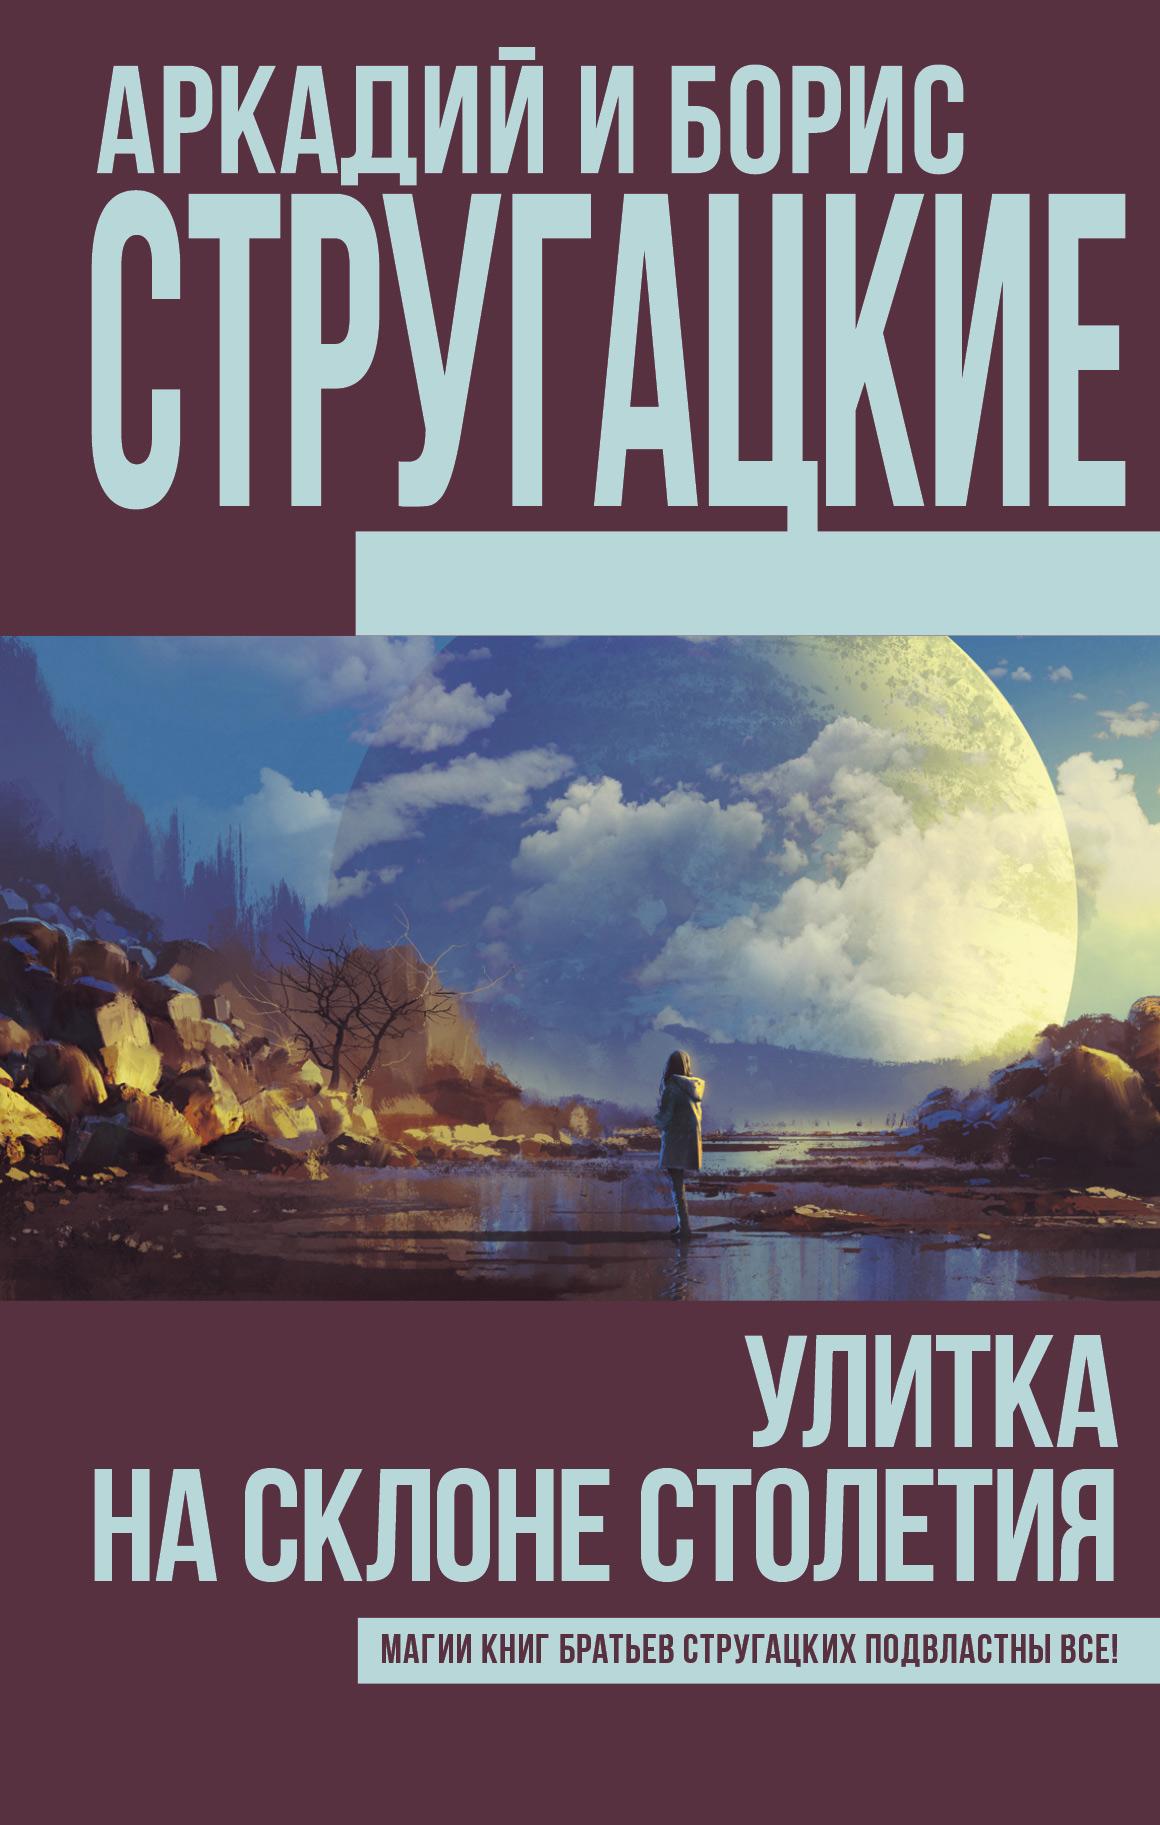 Аркадий и Борис Стругацкие Улитка на склоне столетия (сборник)